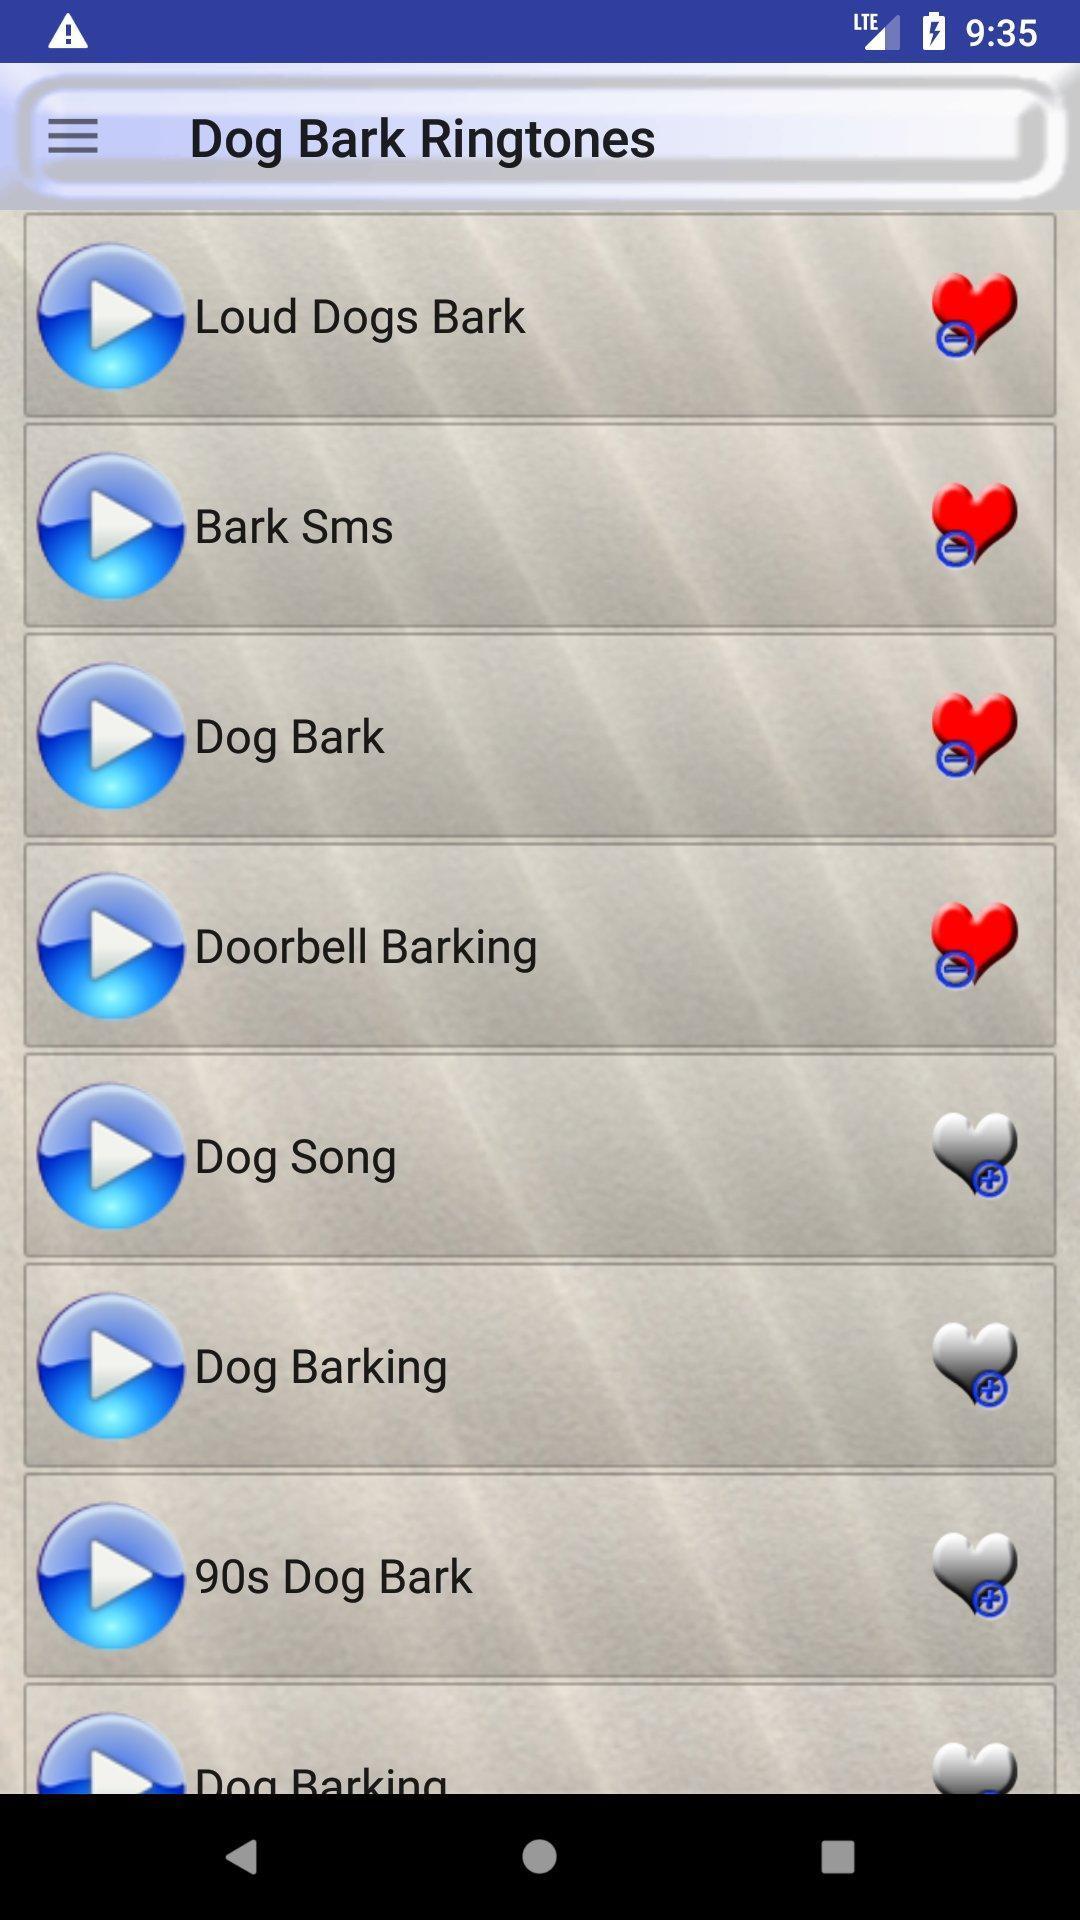 Dog barking ringtone mp3 youtube.